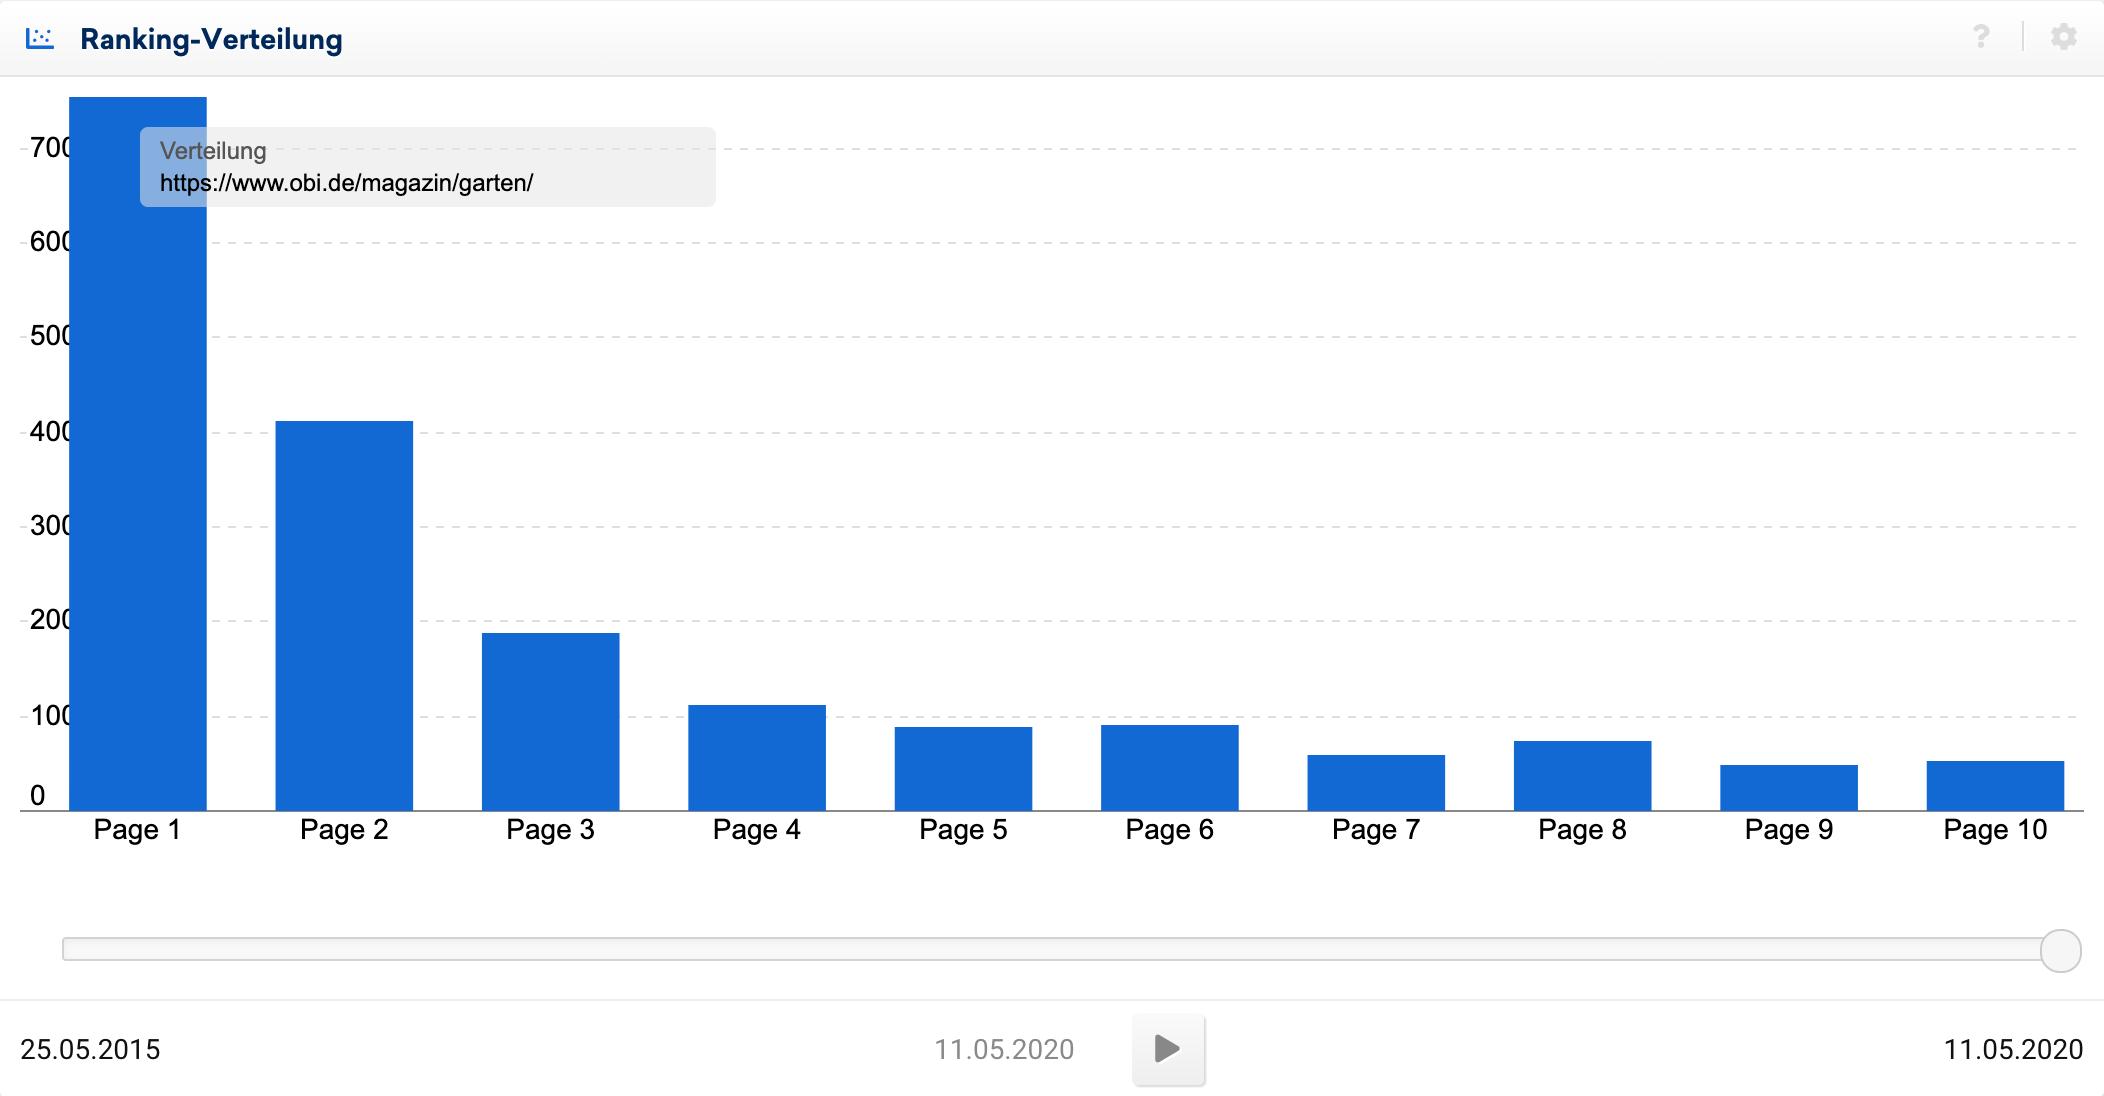 Ranking-Verteilung für das Unterverzeichnis, obi.de/magazin/garten/. Gut 40% der Rankings sind auf der ersten Seite zu finden, insgesamt über 700.